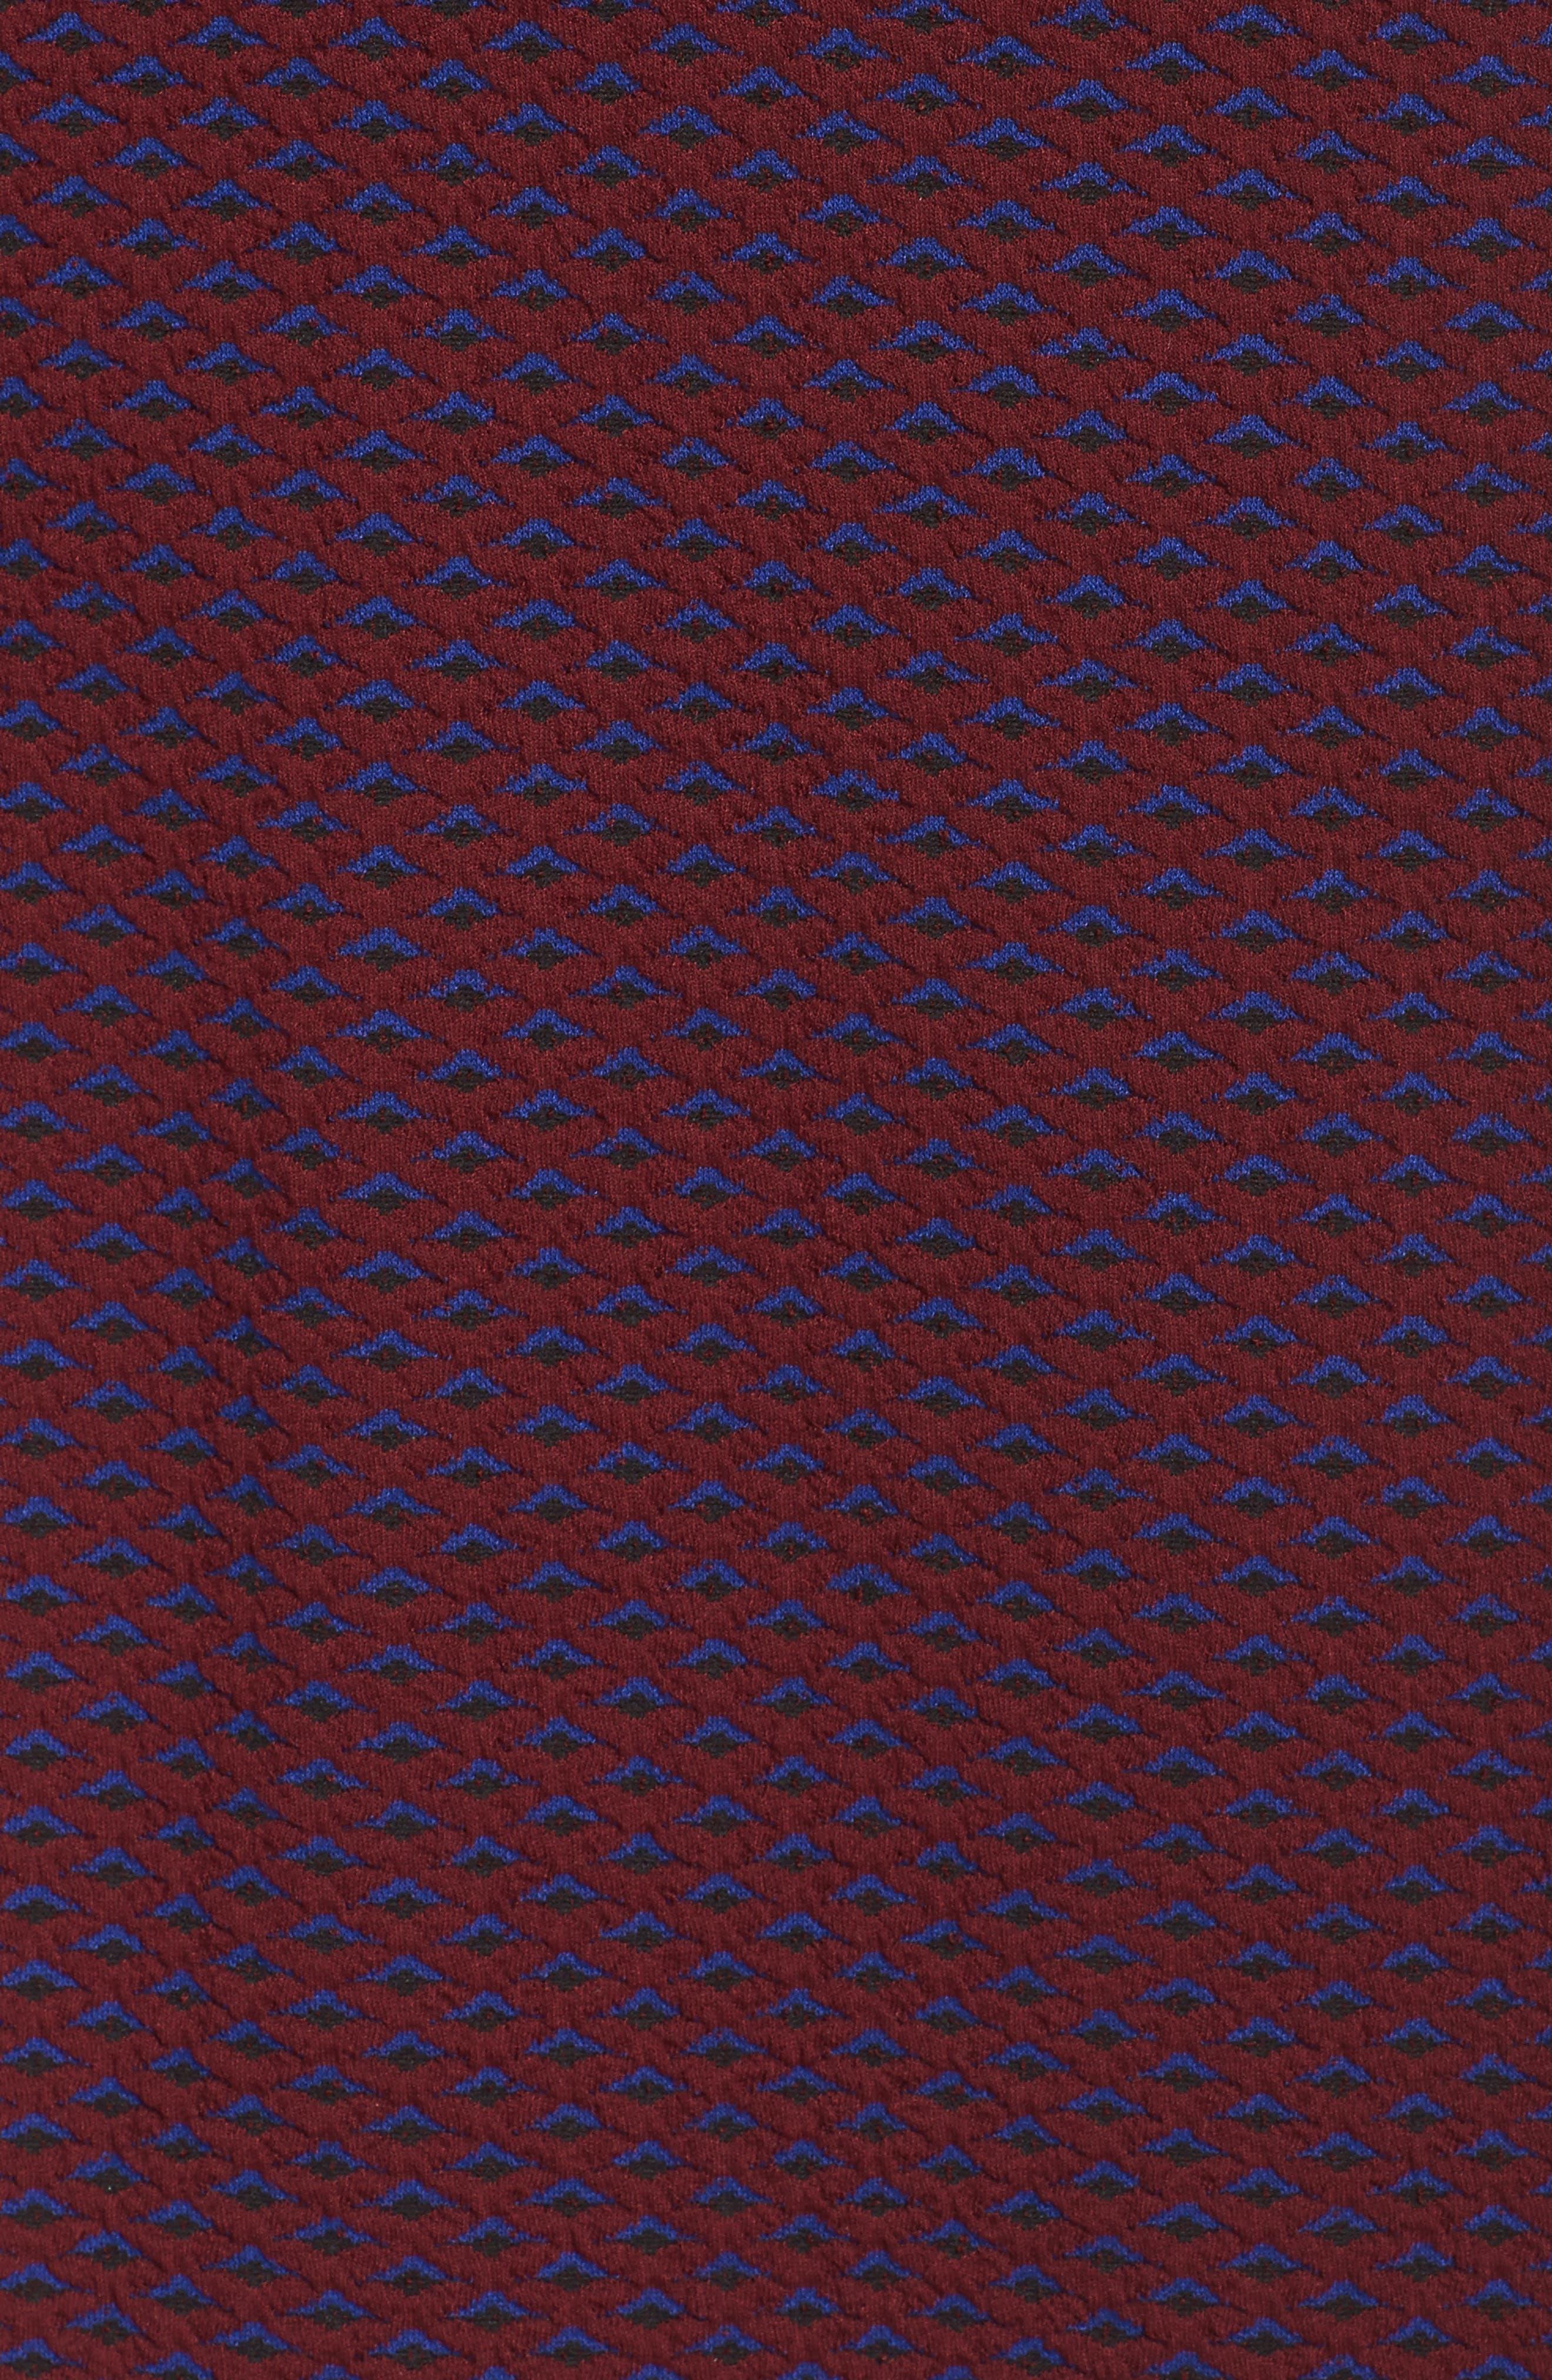 Jacquard Fit & Flare Dress,                             Alternate thumbnail 5, color,                             401